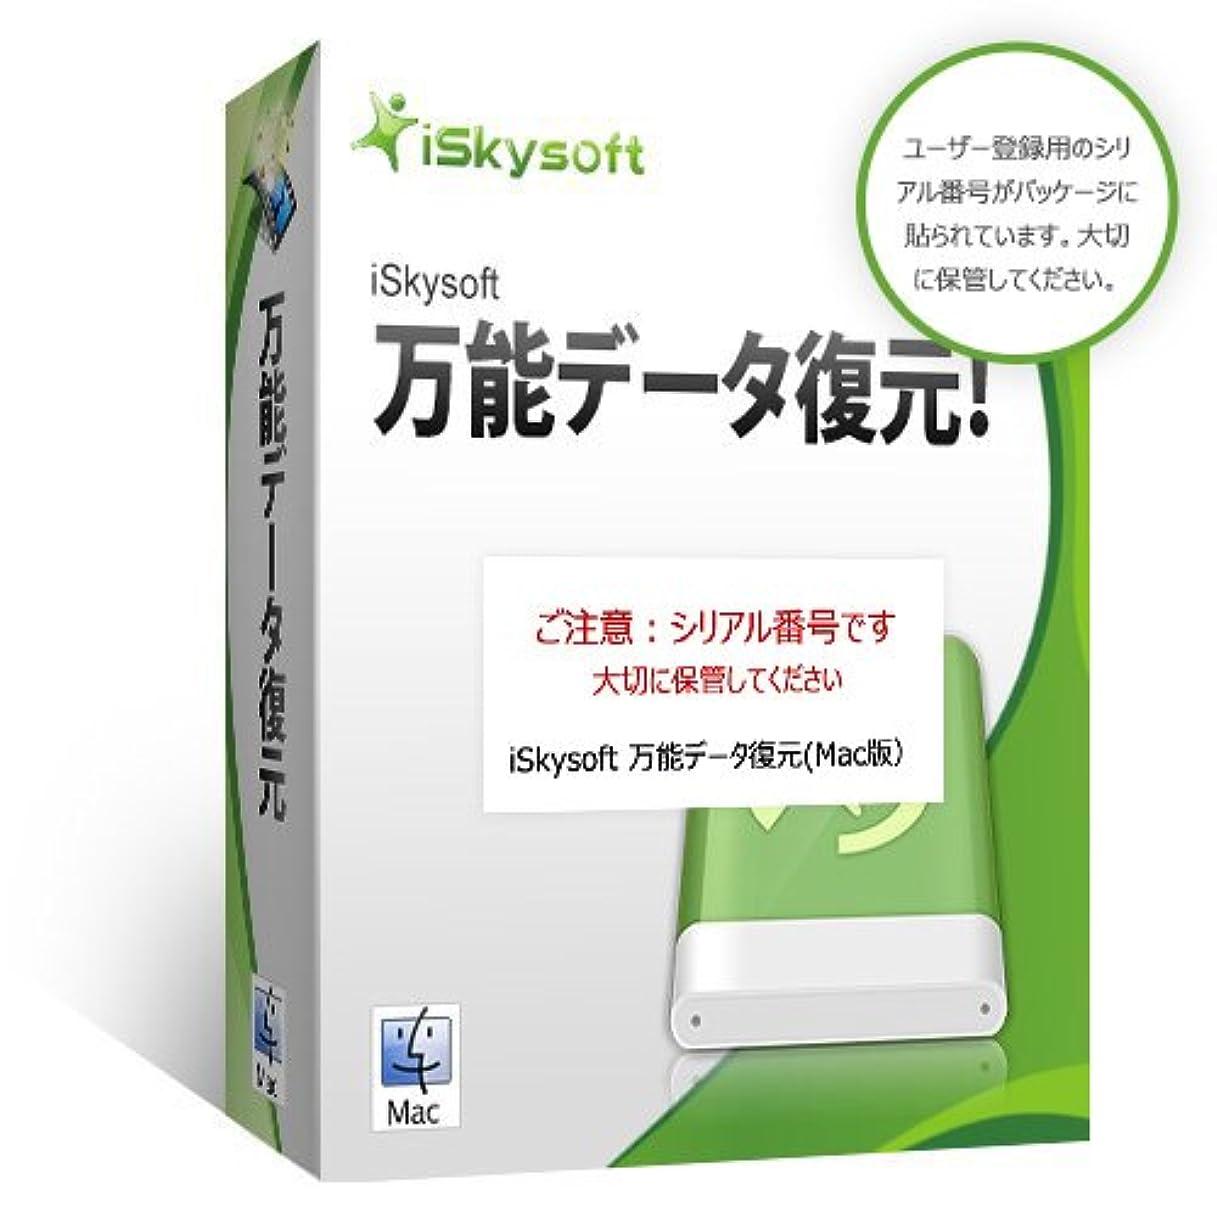 保証する残高ティーンエイジャーiSkysoft 万能データ復元!for Mac MacのHDD、ゴミ箱から削除されたデータ 復元 ビデオ 写真 電子メール sdカード 外付けHDD 復元